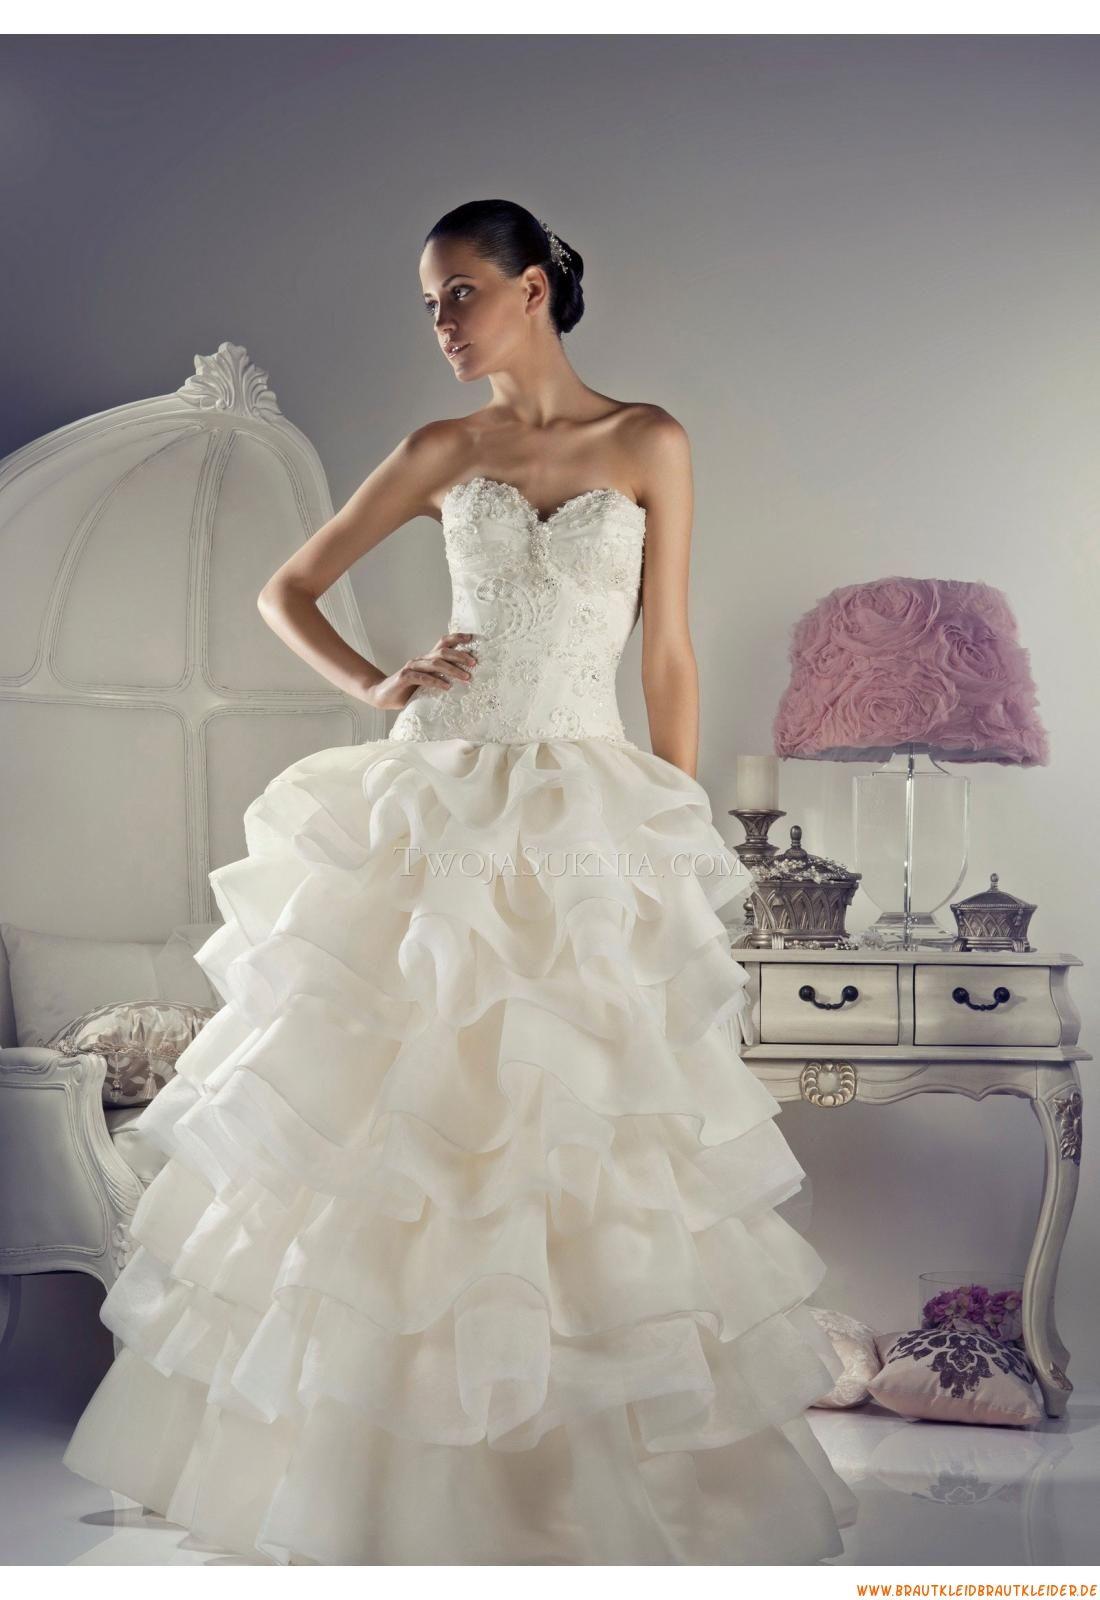 Tiefe Taille Elegante Brautkleider   Hochzeit   Pinterest ...